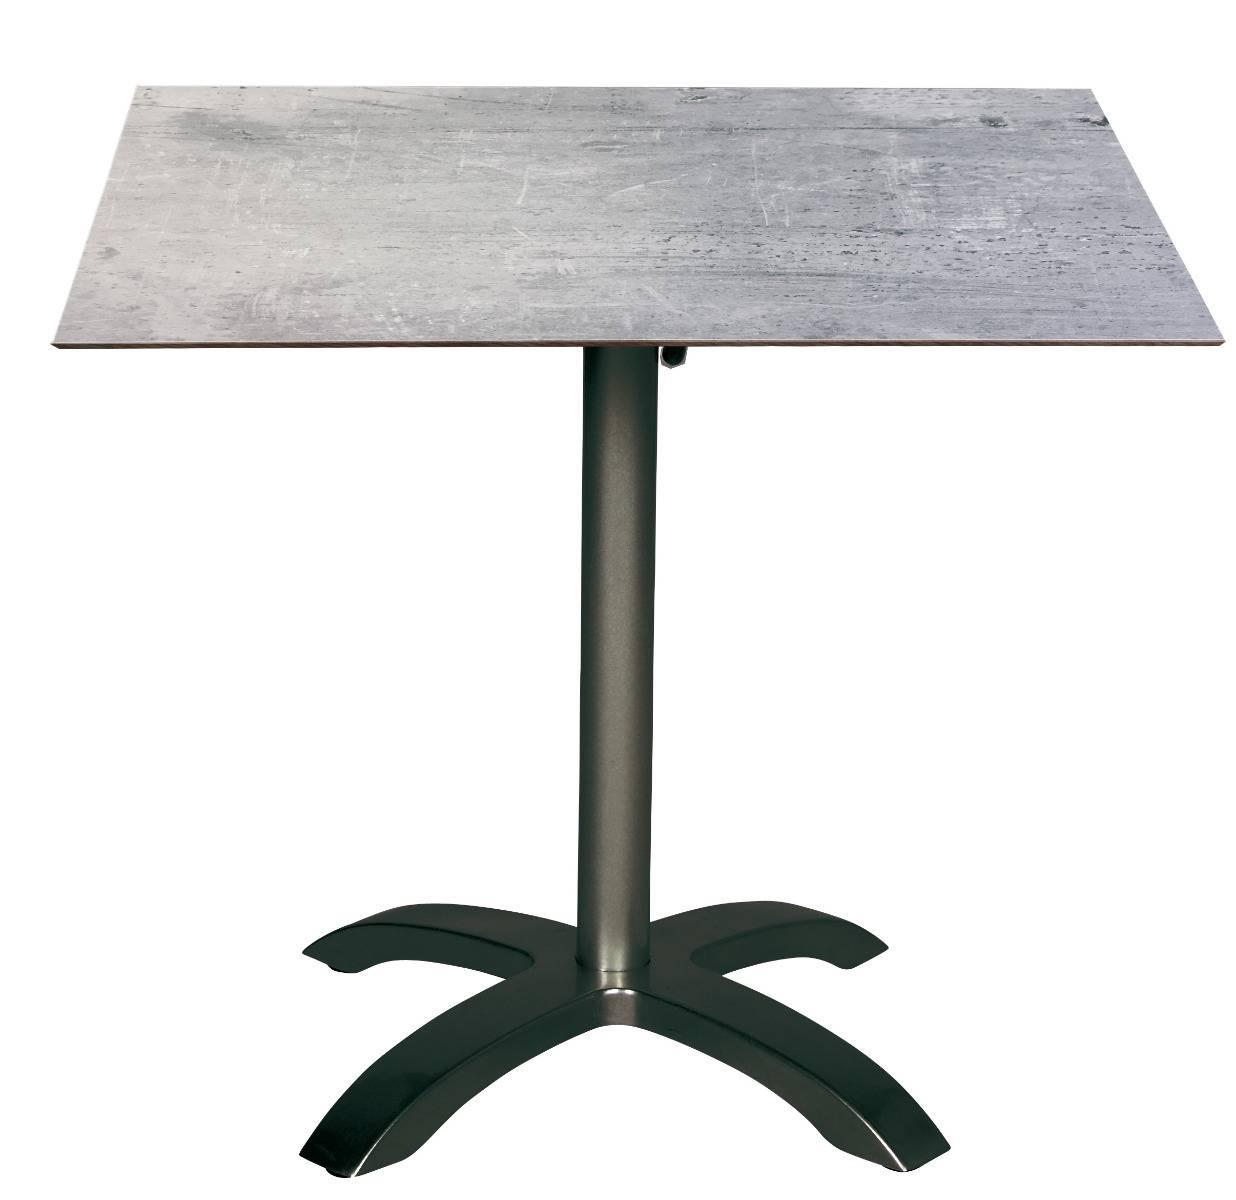 acamp Bistrotisch acaplan 80x80cm anthrazit cemento grigio